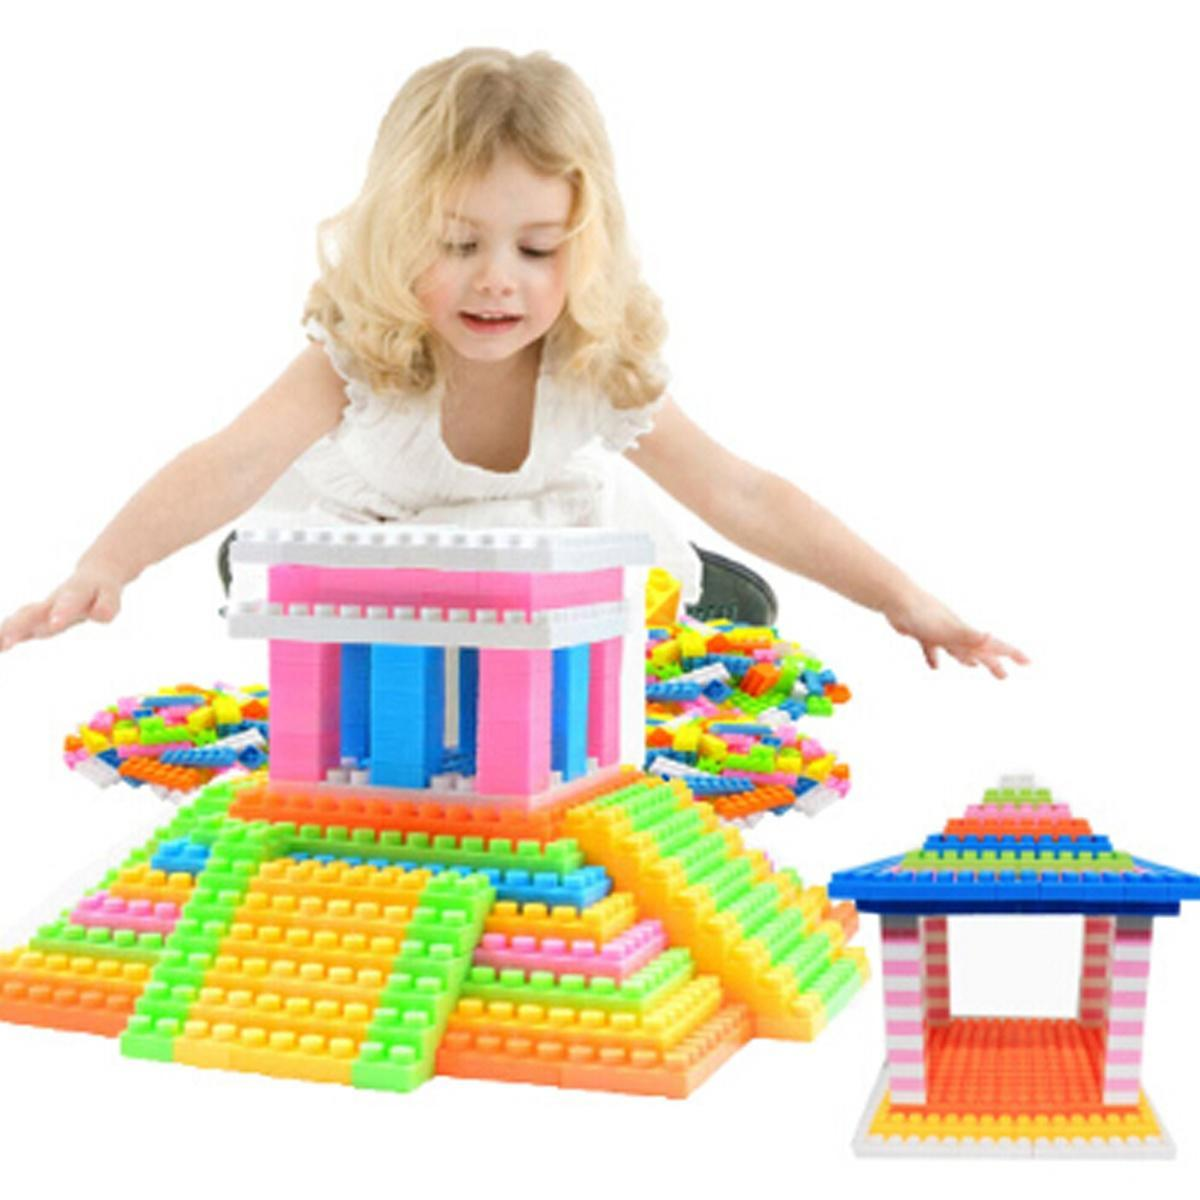 1 набор детей Аксессуары детские пластиковые детей головоломки образовательные игрушки строительн... аксессуары для детей